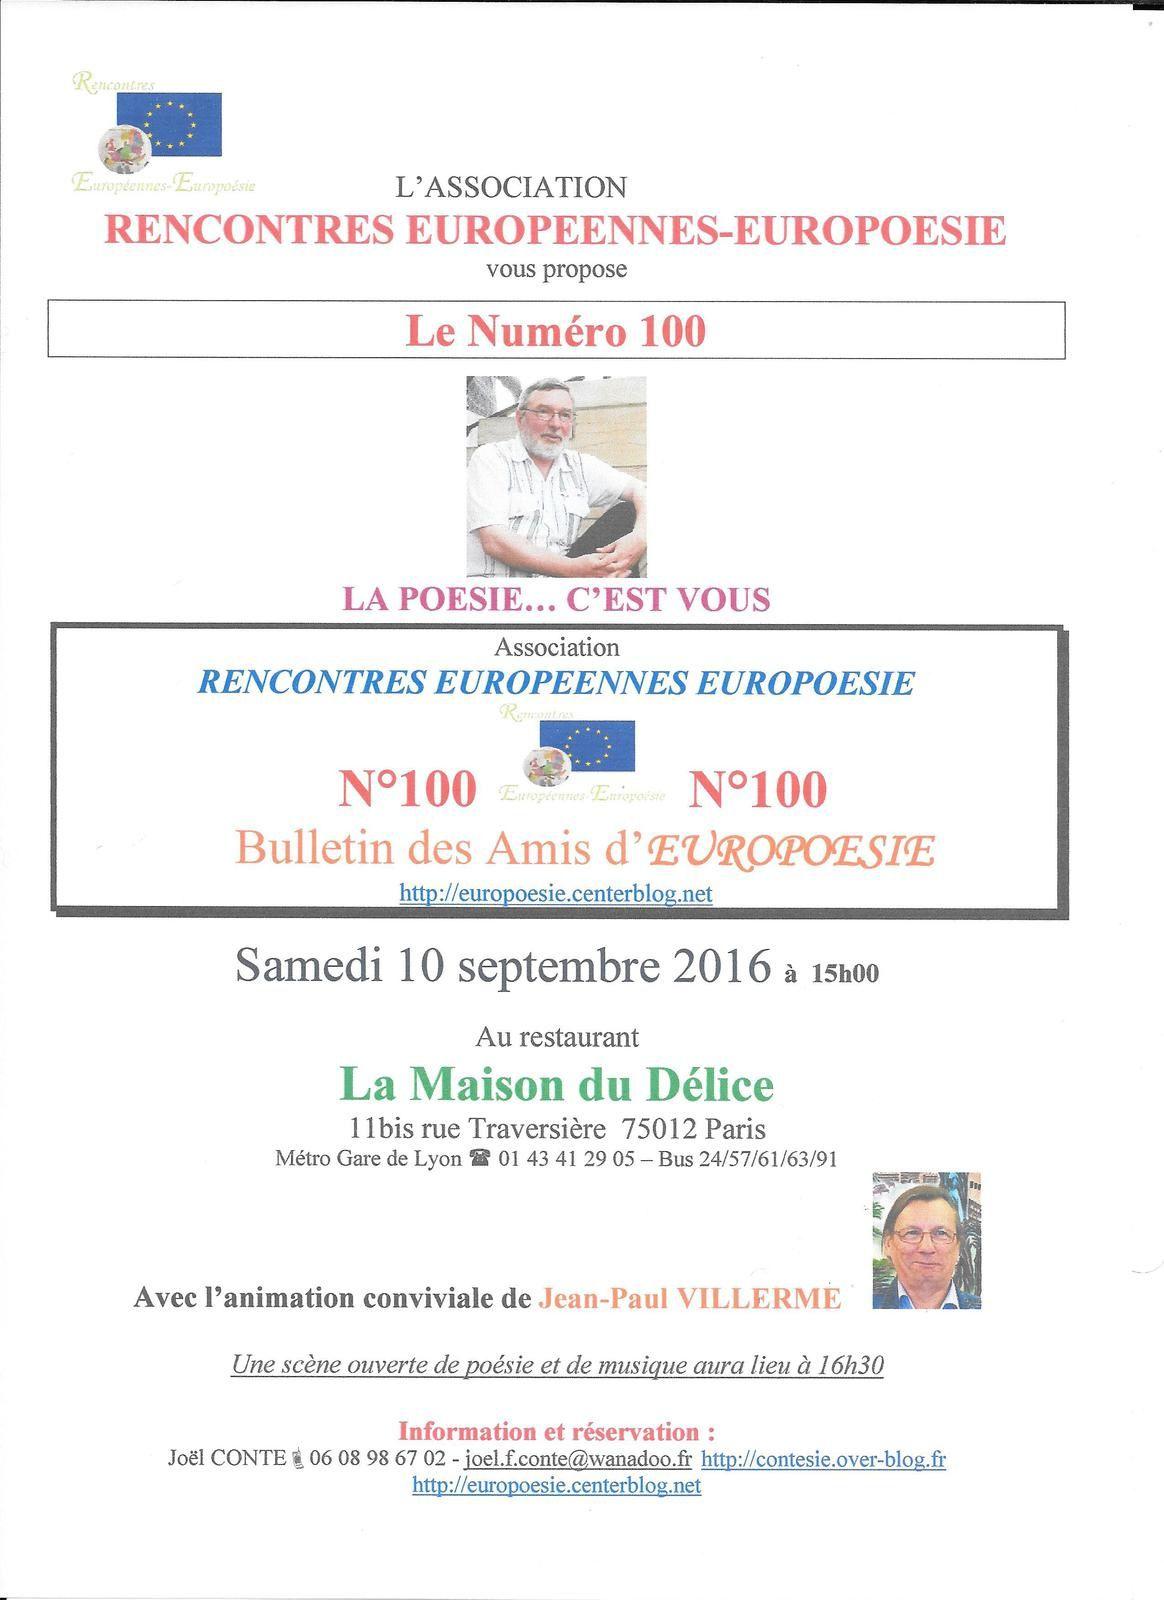 Le Numéro 100 du Bulletin d'Information de l'association Rencontres Européennes-Europoésie